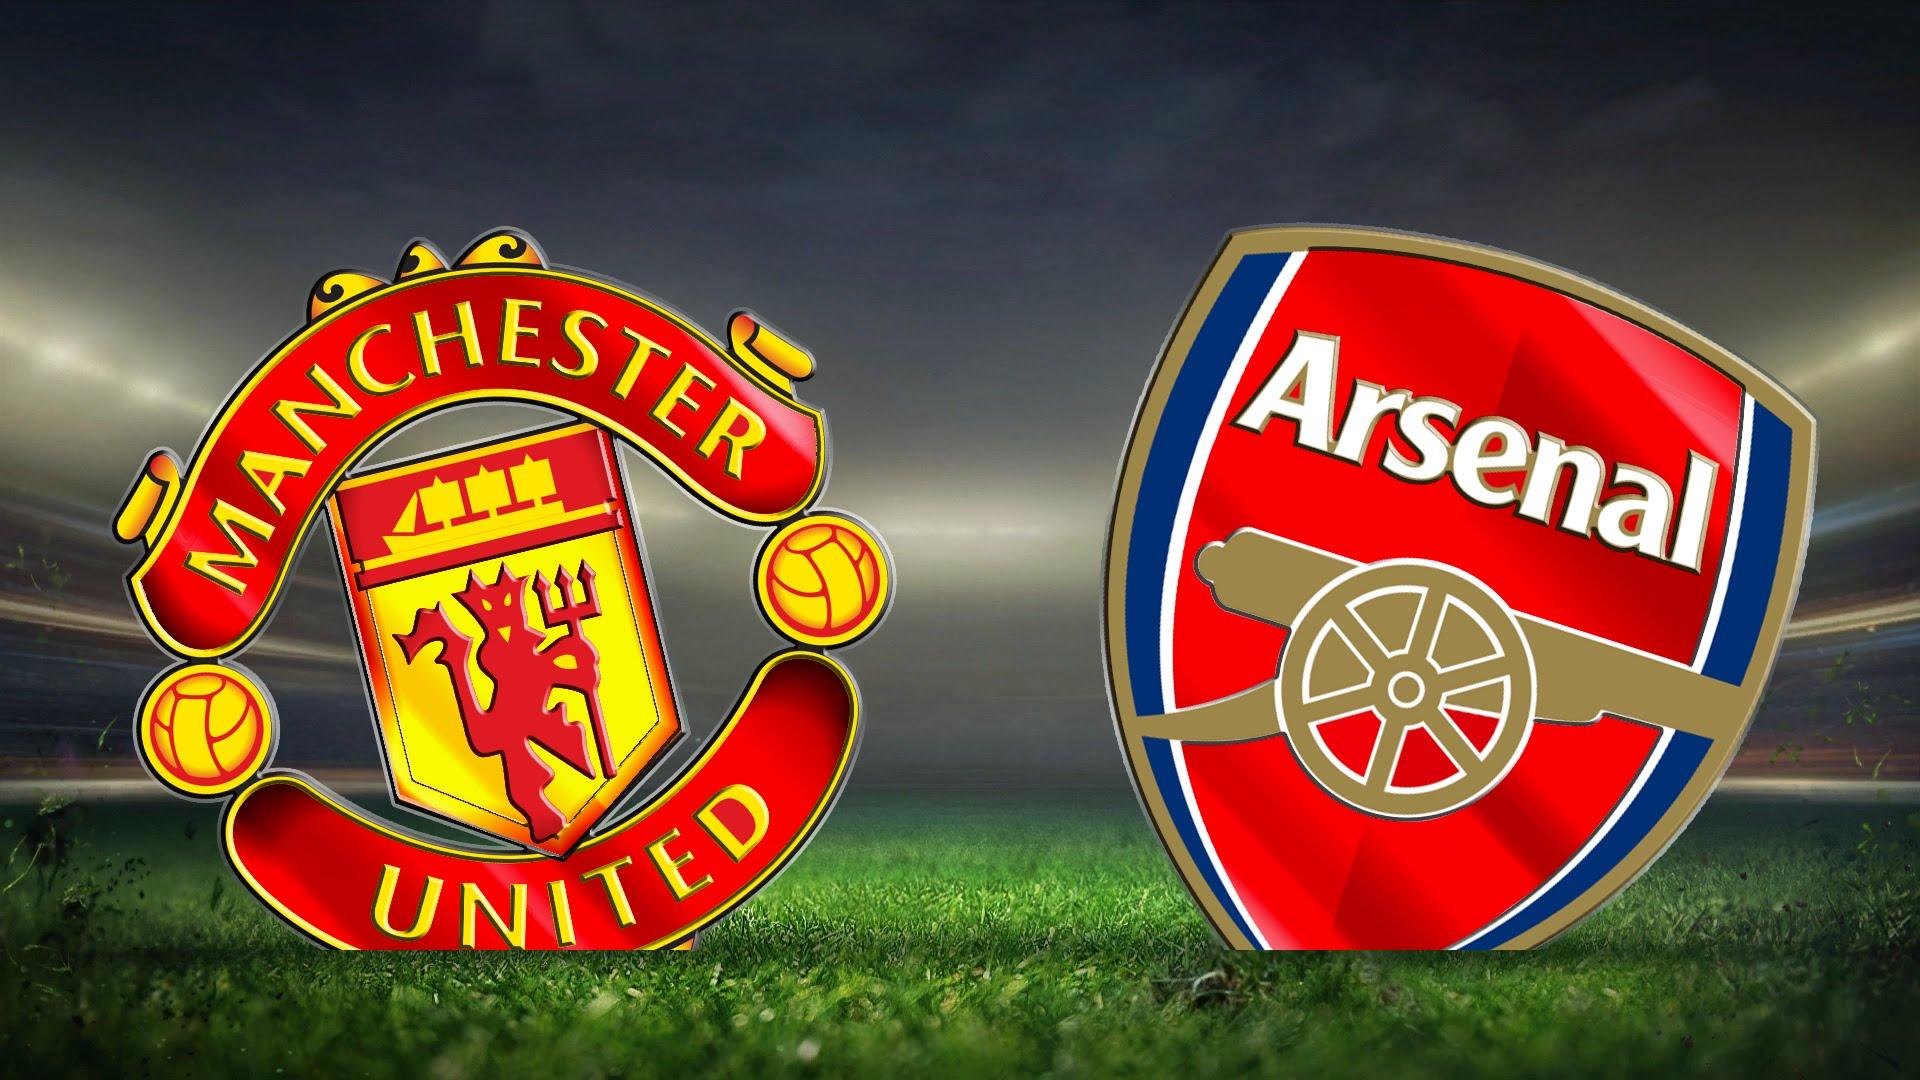 Трансляция матча Манчестер Юнайтед — Арсенал, 19 ноября 2016